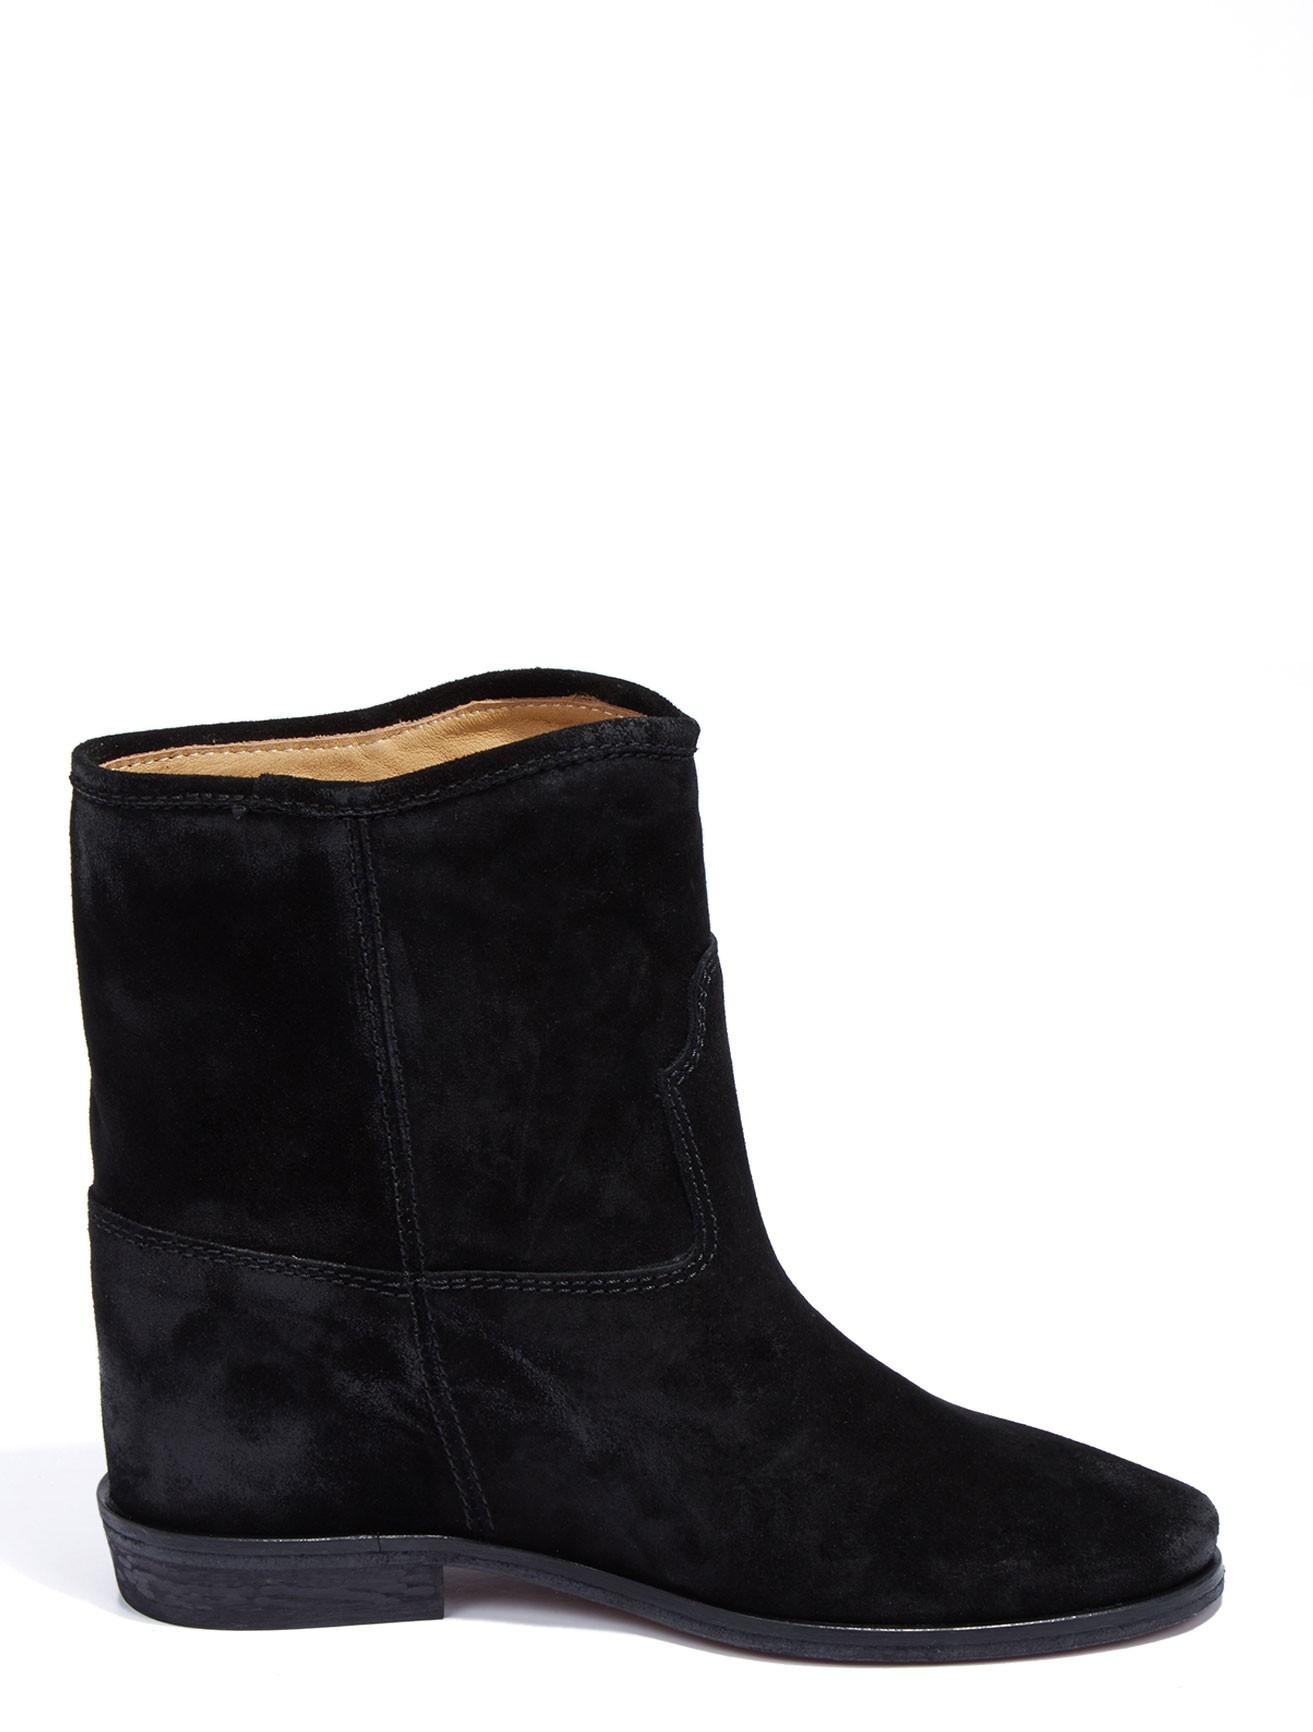 scoop suede inner wedge boot in black lyst